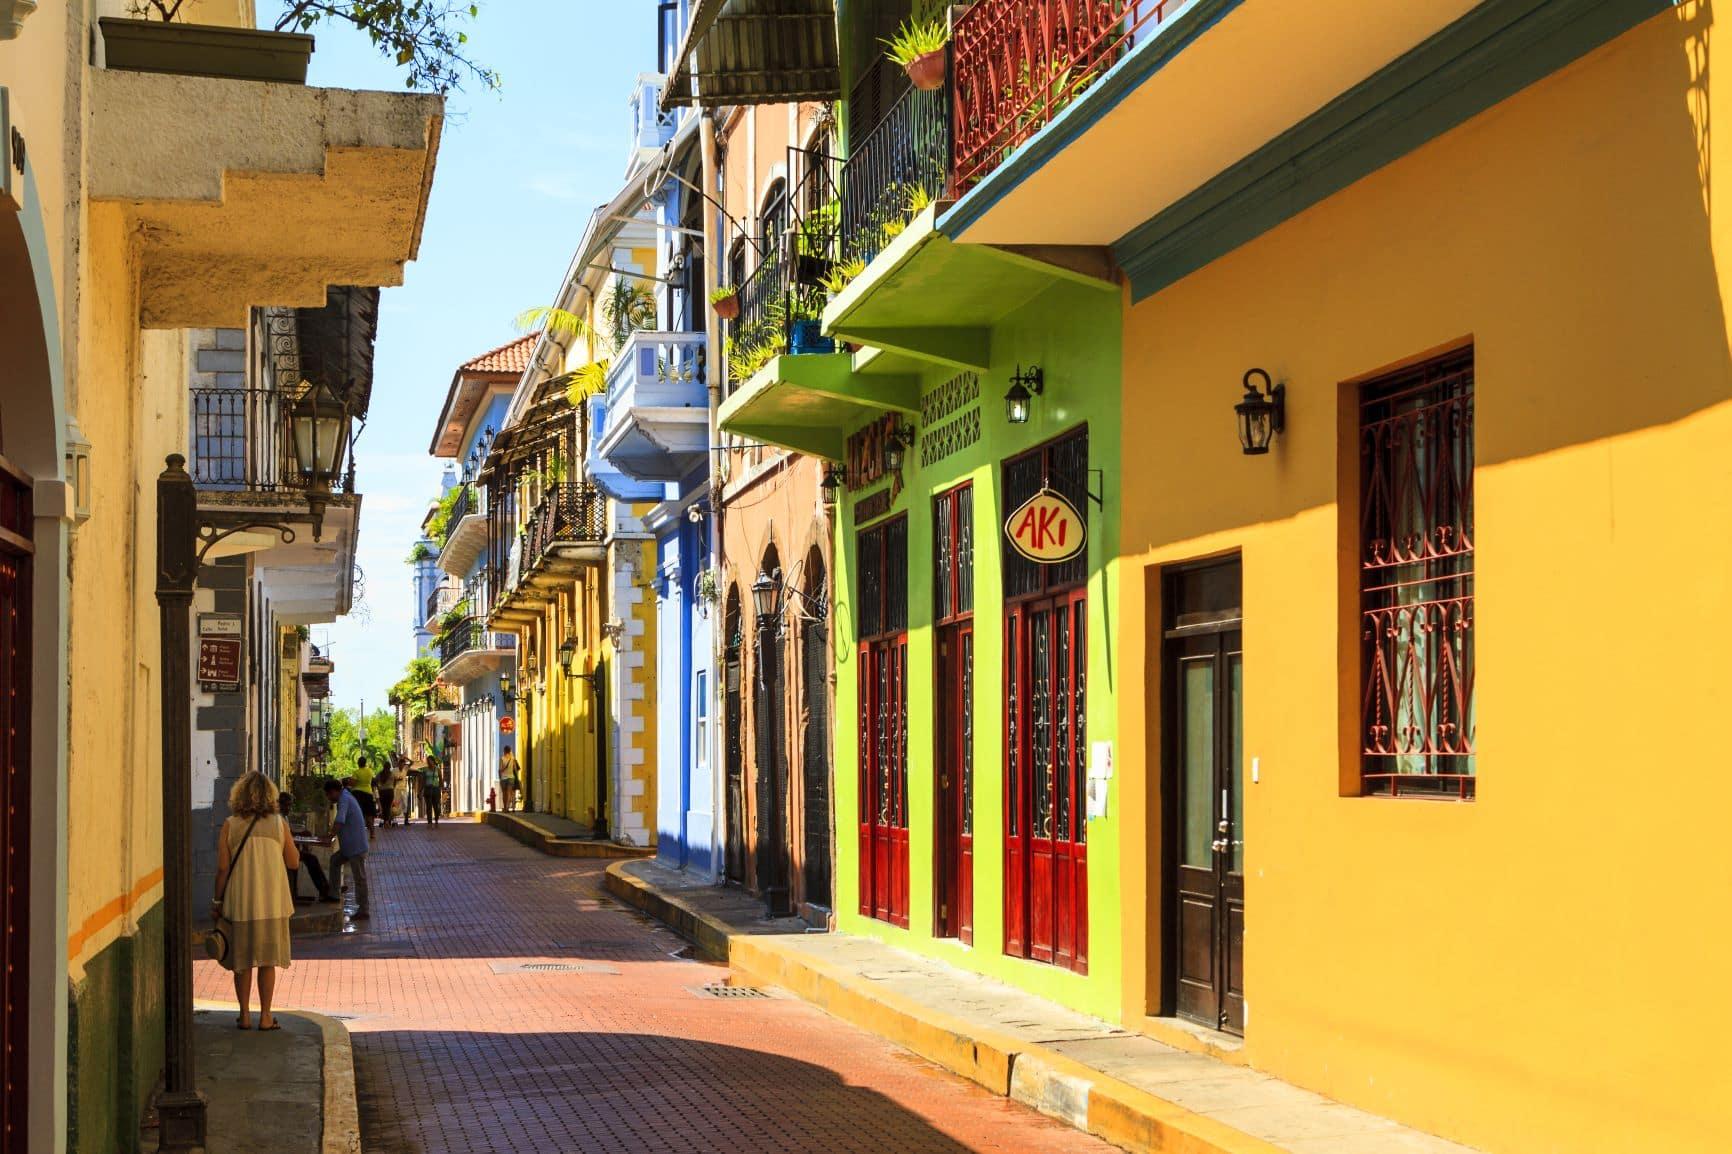 Renovierte Häuser in der Altstadt von Panama-Stadt